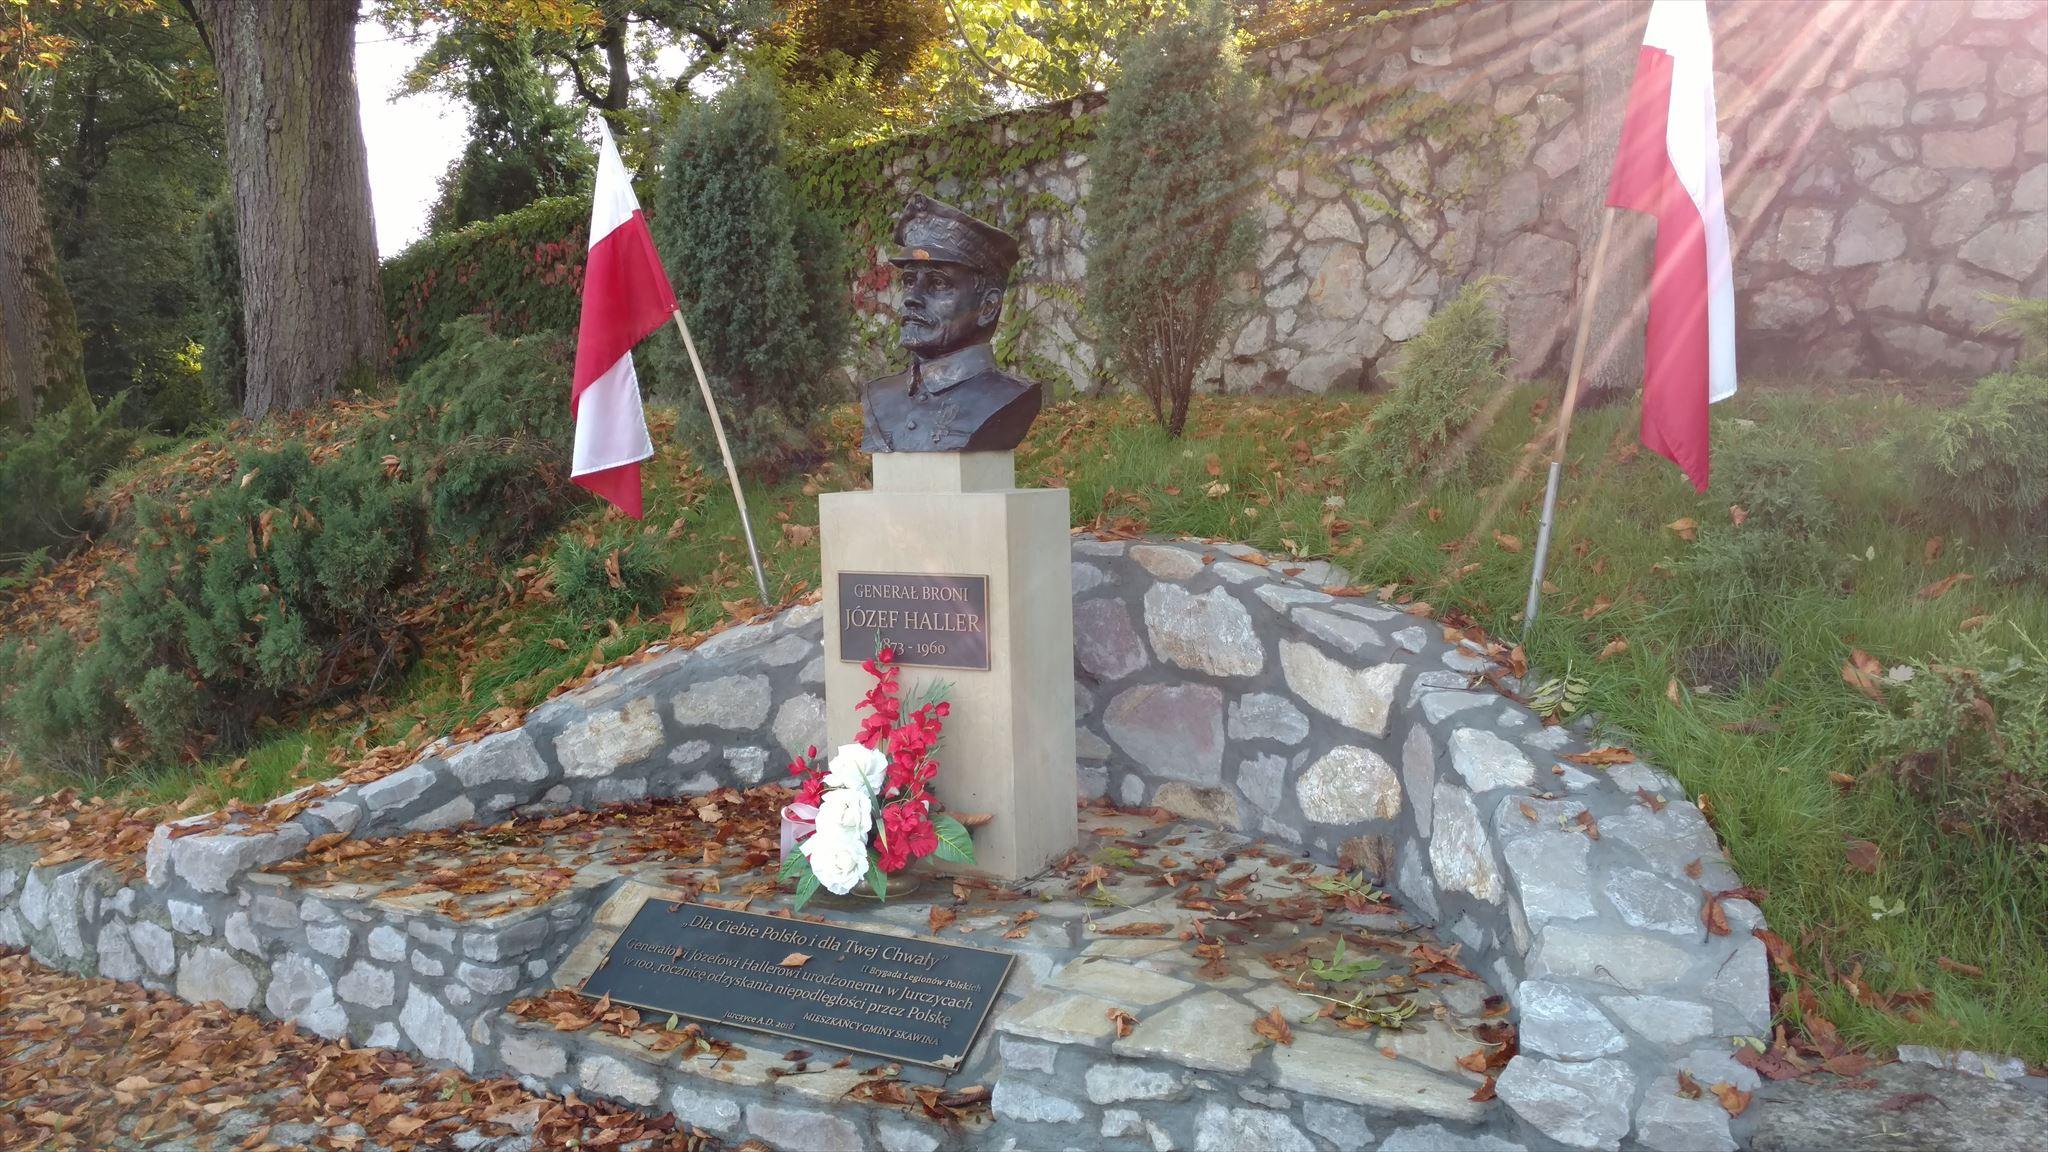 Pomnik gen. Józefa Hallera odsłonięty w 2018r.